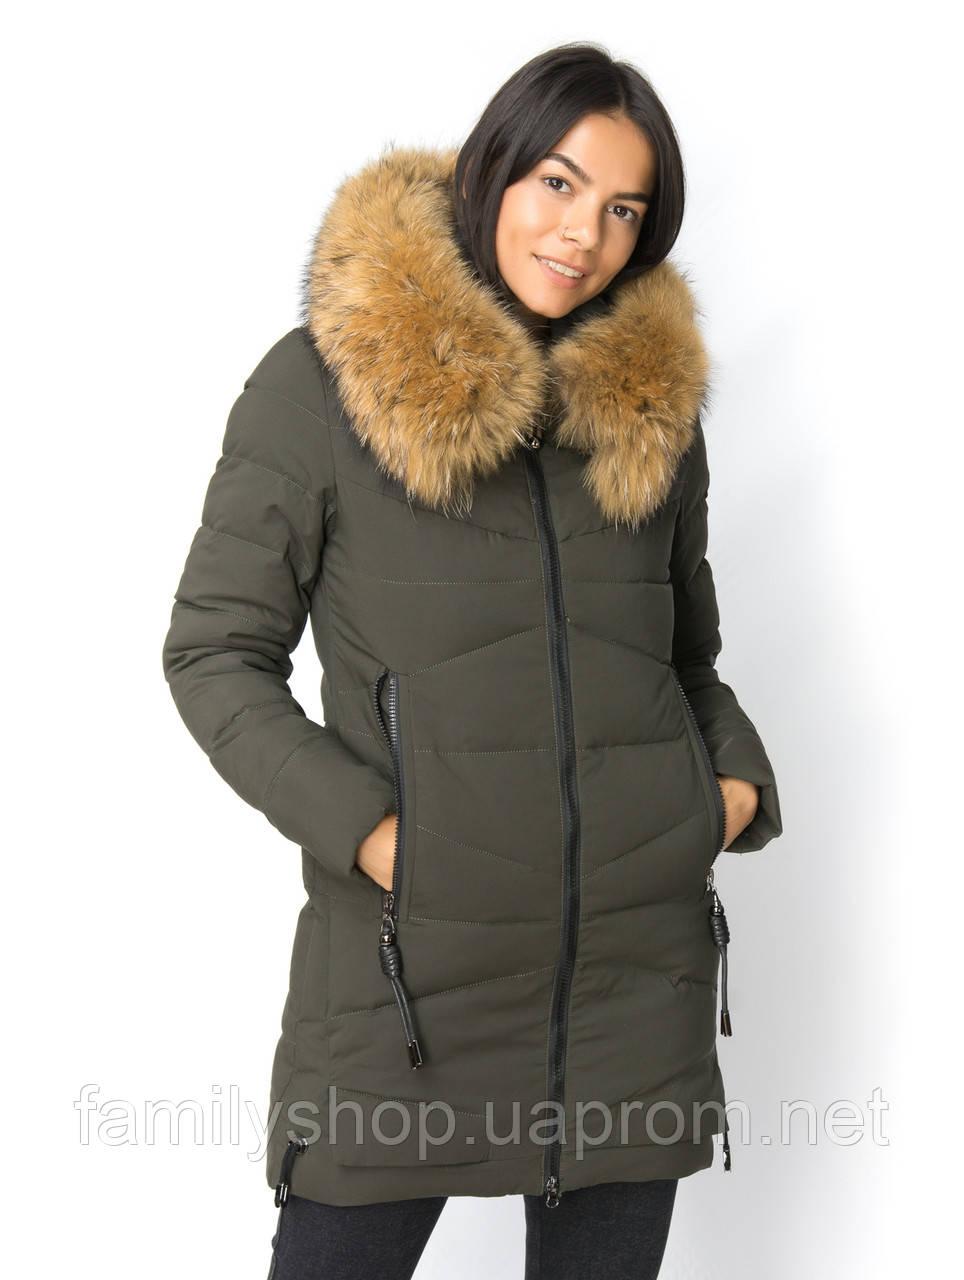 Теплое женское зимнее  пальто с натуральным мехом чернобурки